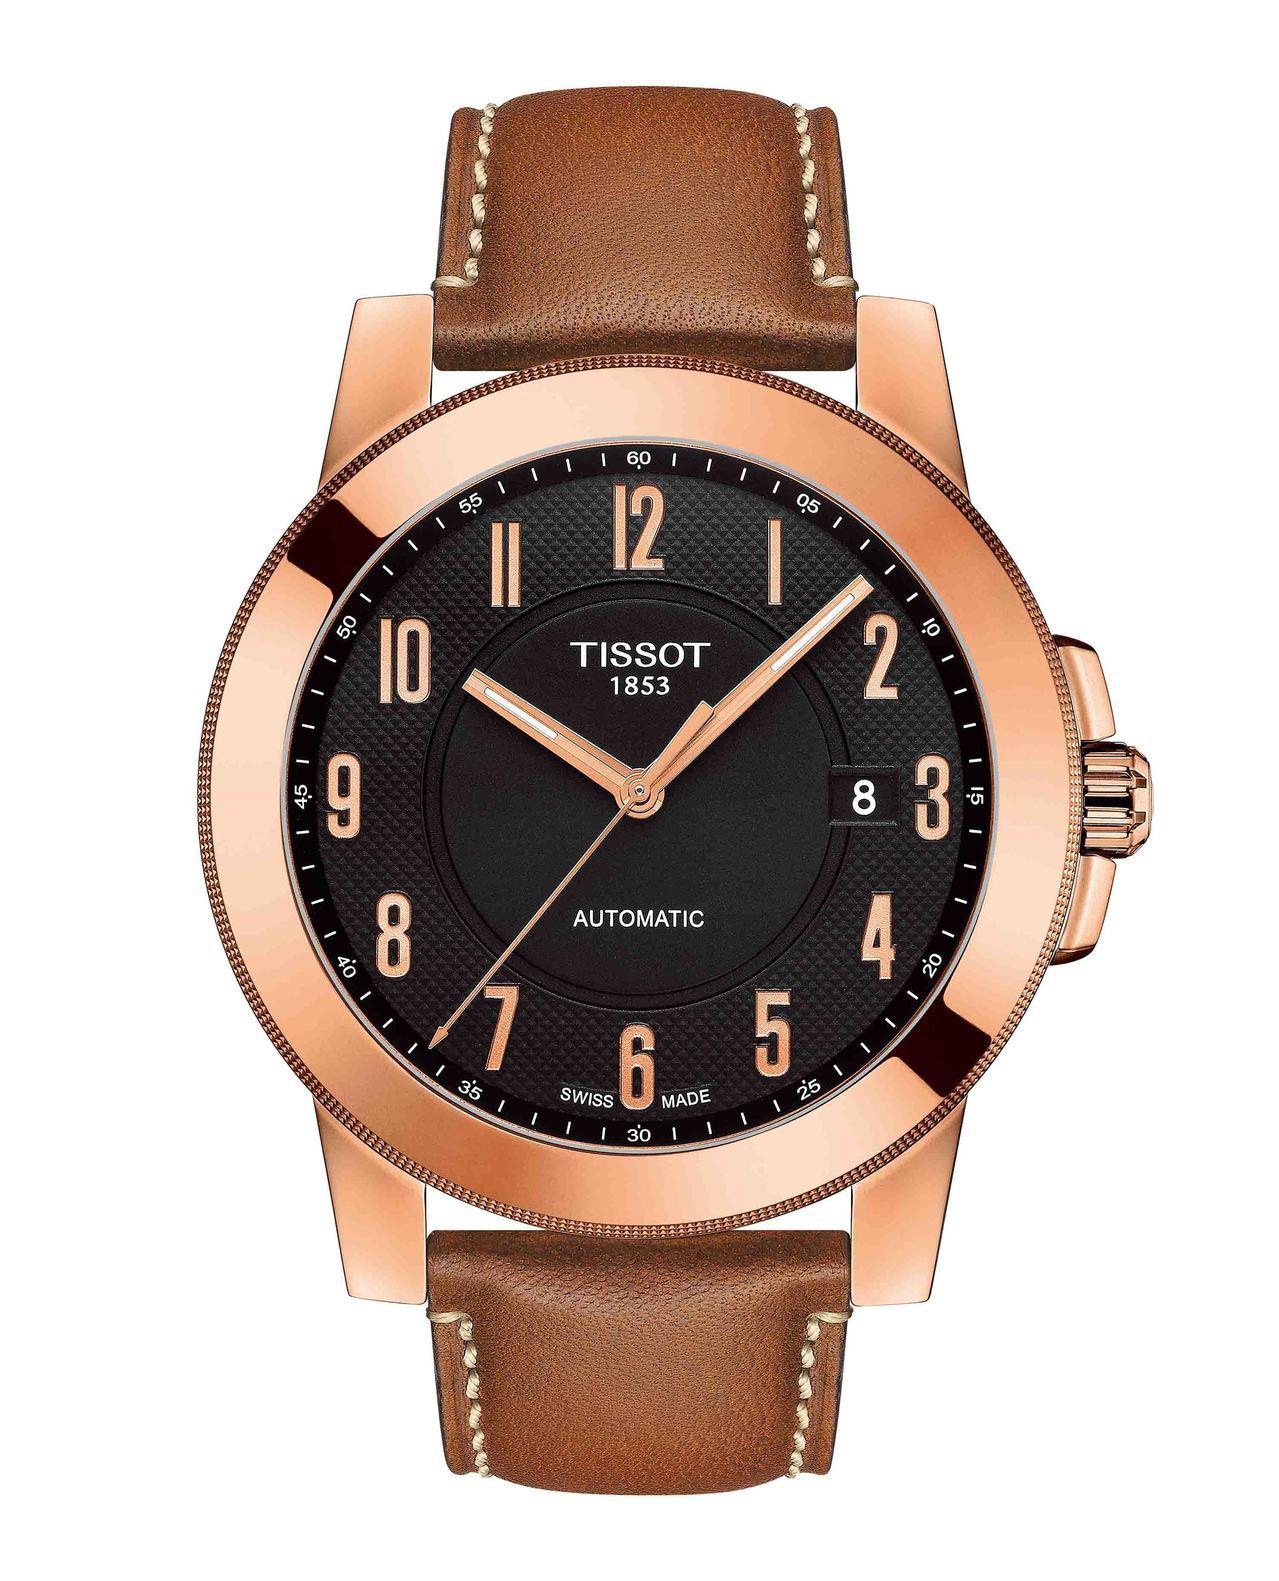 天梭Gentleman紳士系列腕表,搭載Swissmatic自動上鍊機芯,玫瑰金...